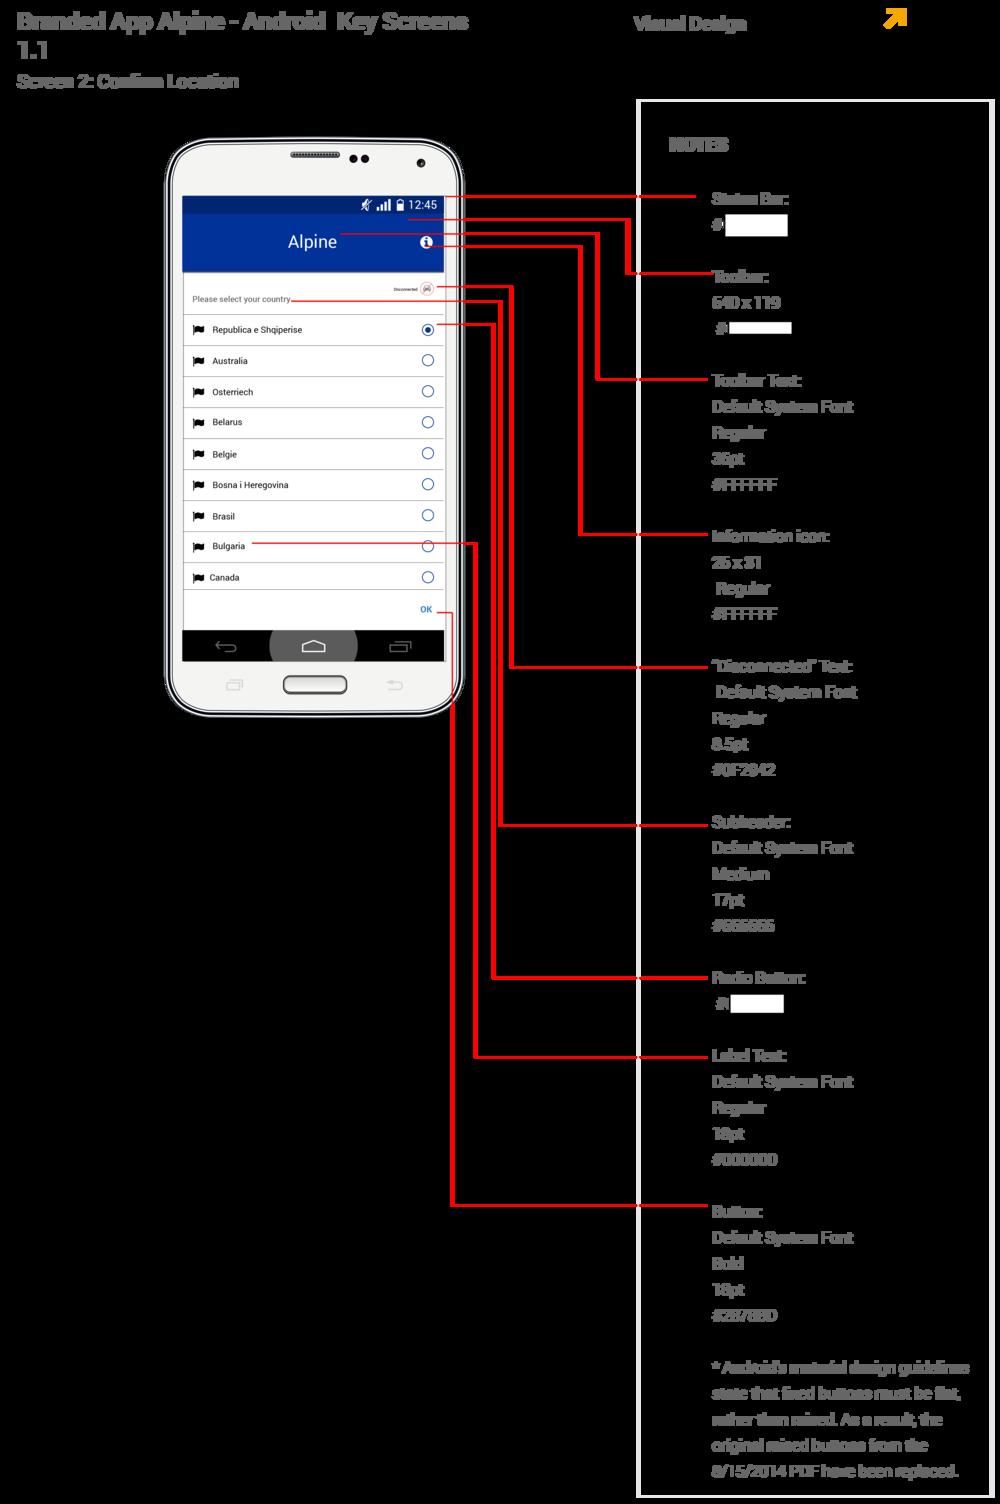 Alpine App_redacted-2.png